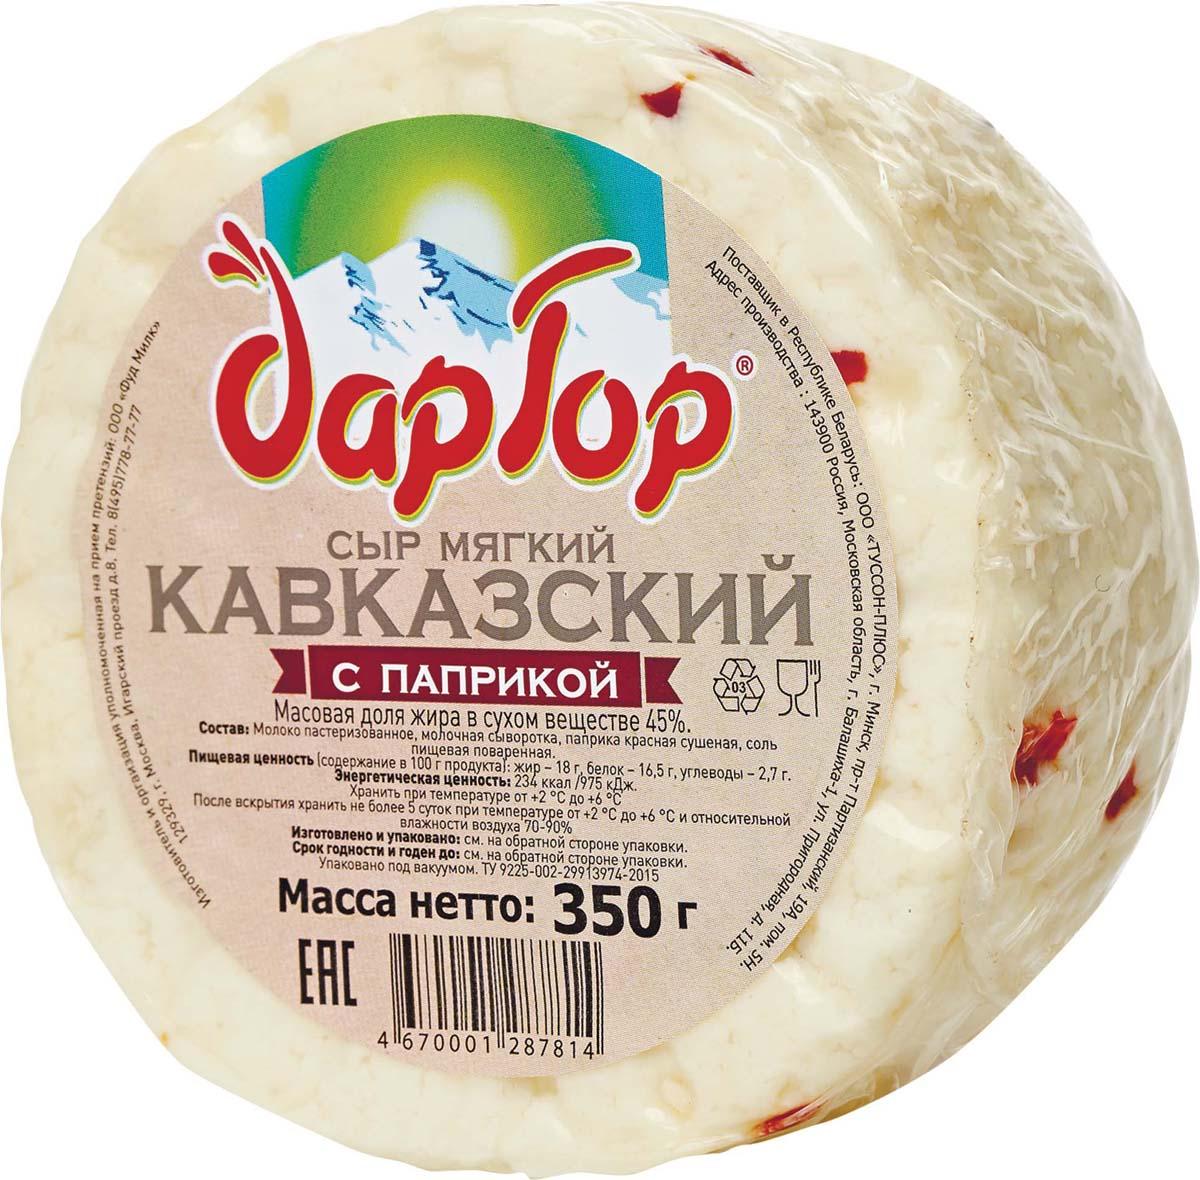 где купить Дар Гор Сыр мягкий Кавказский с Паприкой, 350 г по лучшей цене